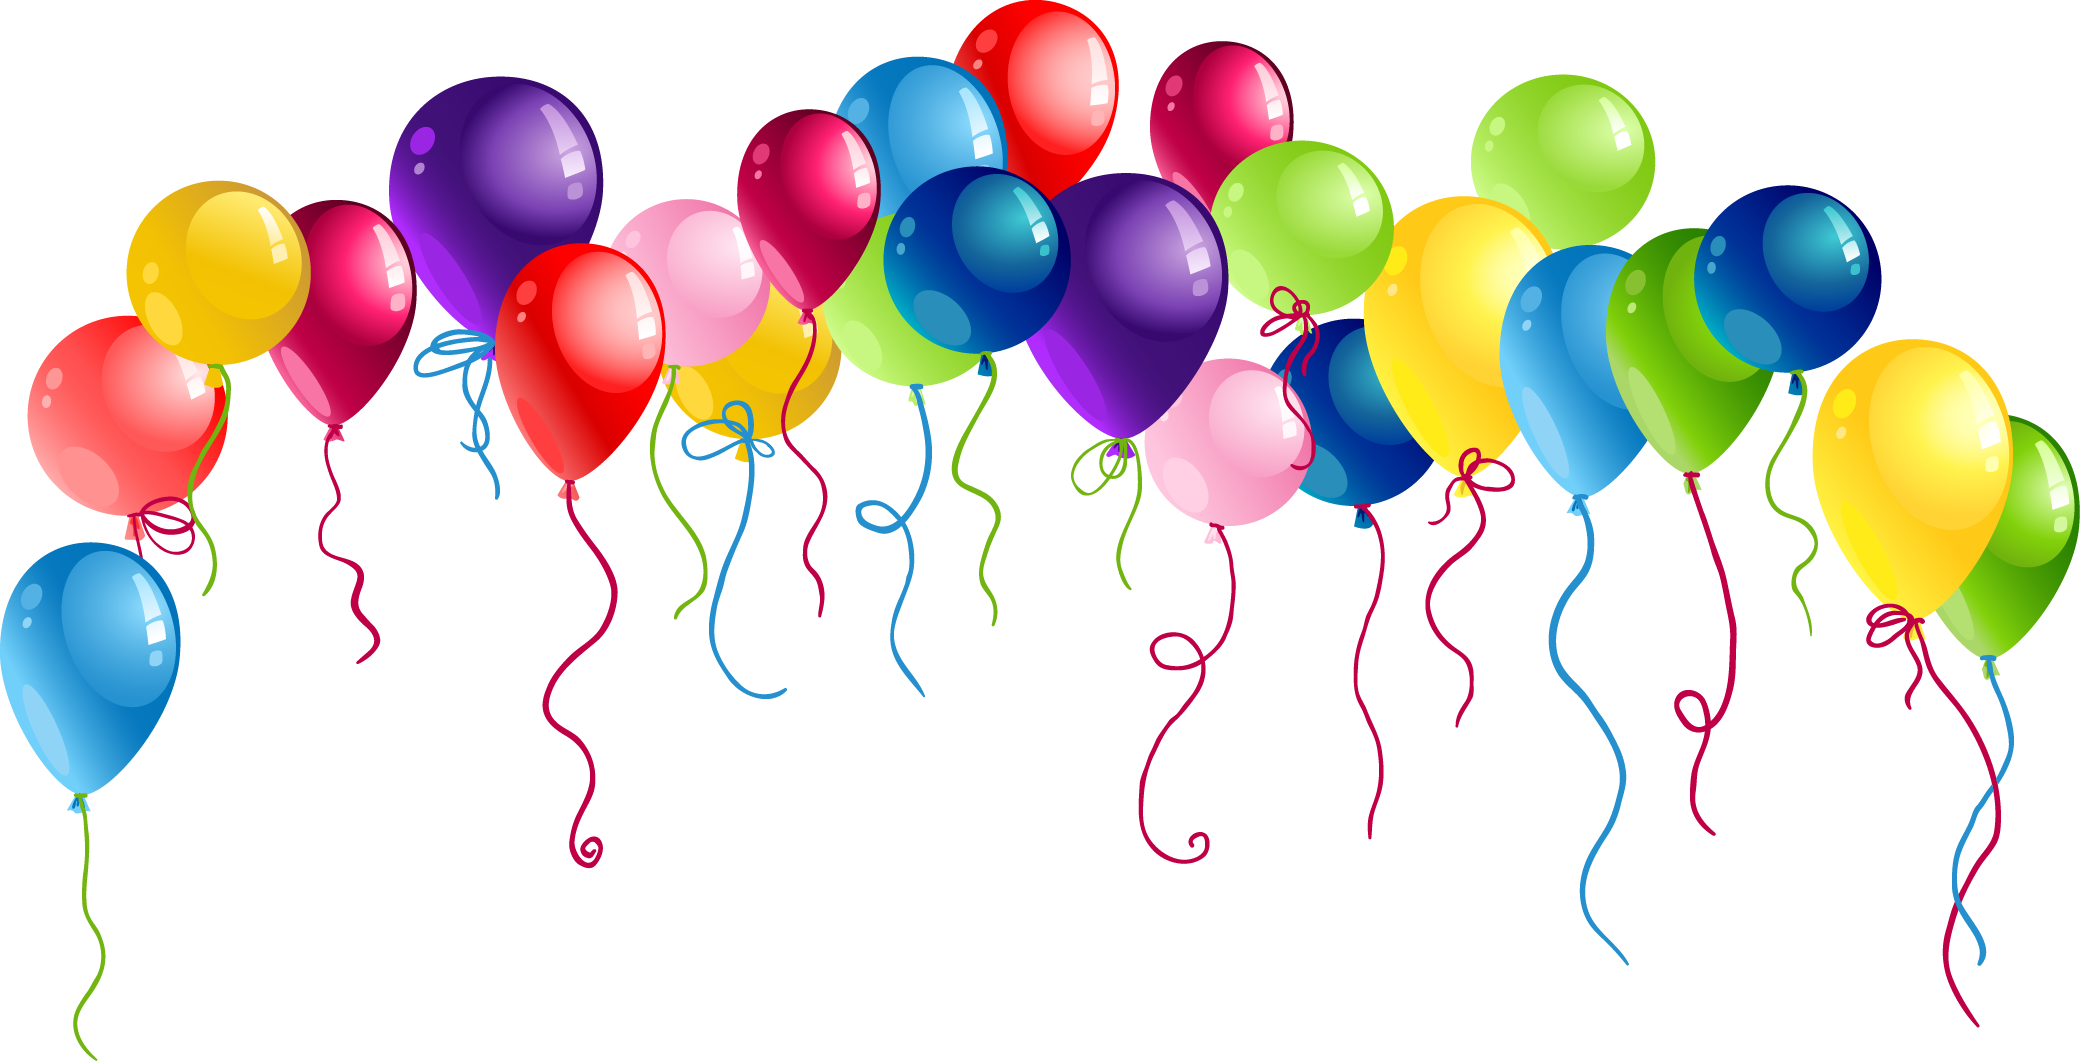 Наклейка Воздушные шарики PNG - AVATAN PLUS